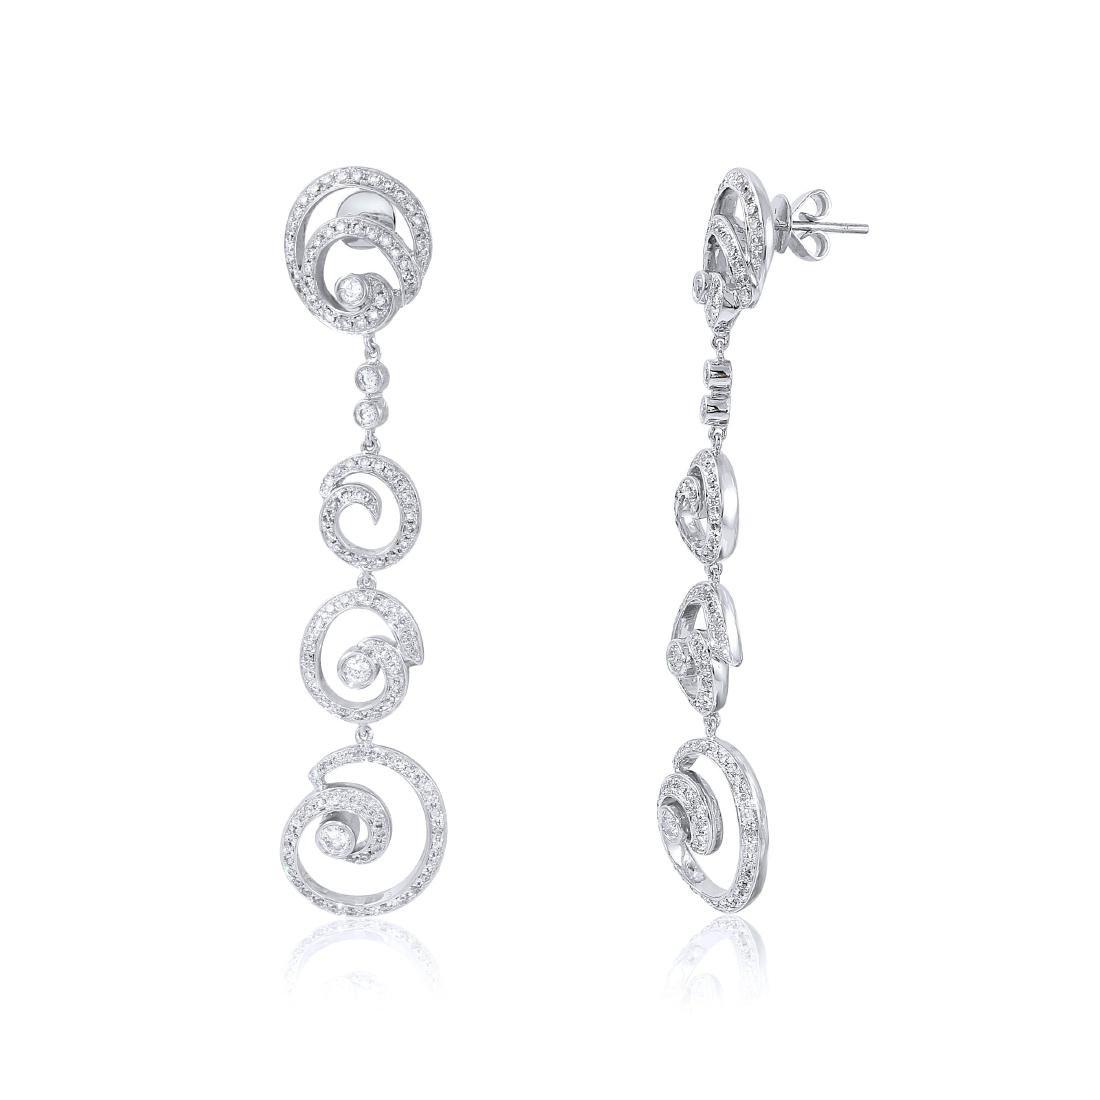 14KT White Gold Diamond Dangle Earrings - 2